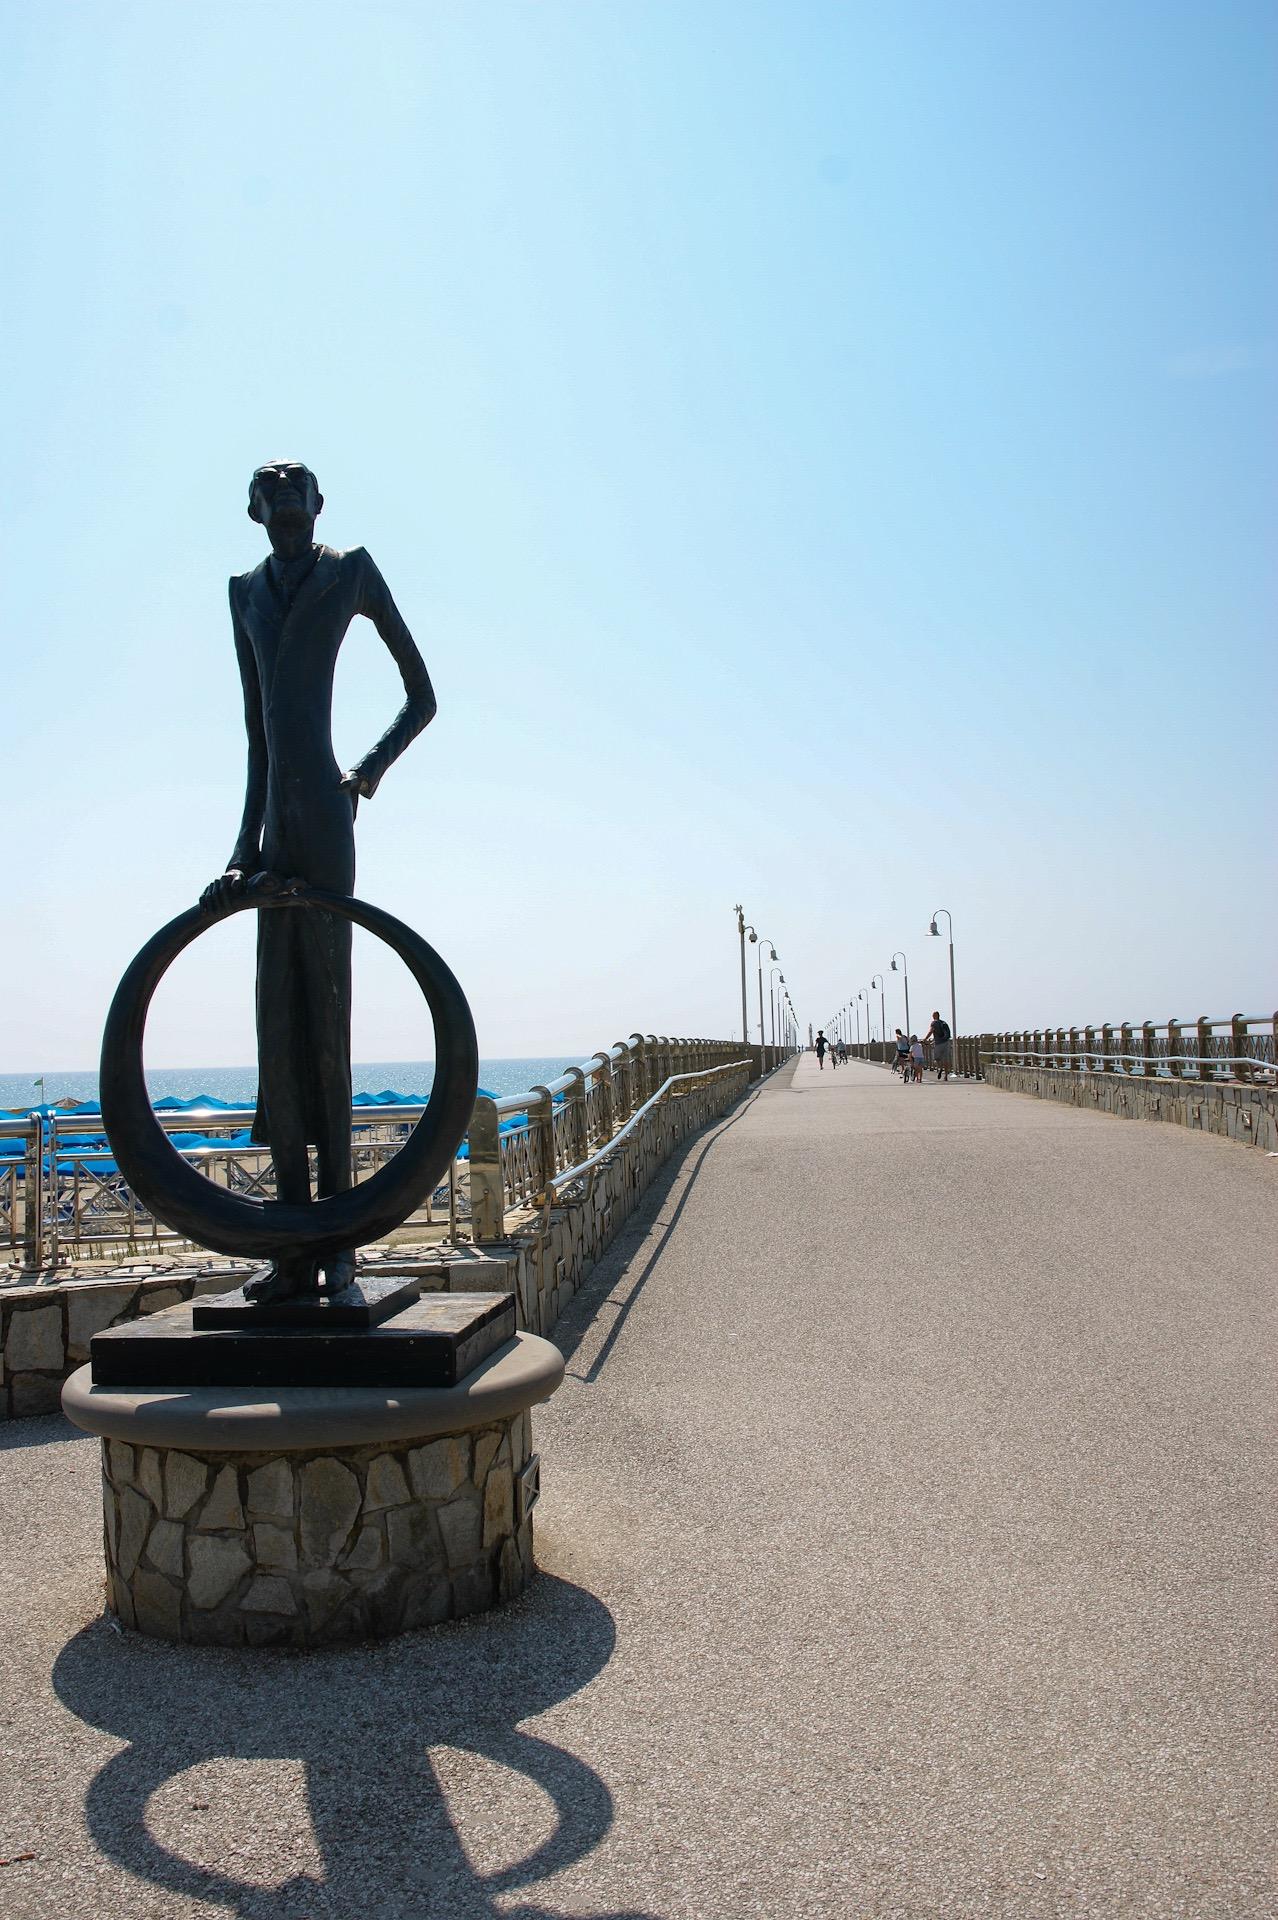 Versilia, Forte die Marmi, Massa, Lido do Camaiore, Radfahren, Ligurien, Italien, Reise, biking